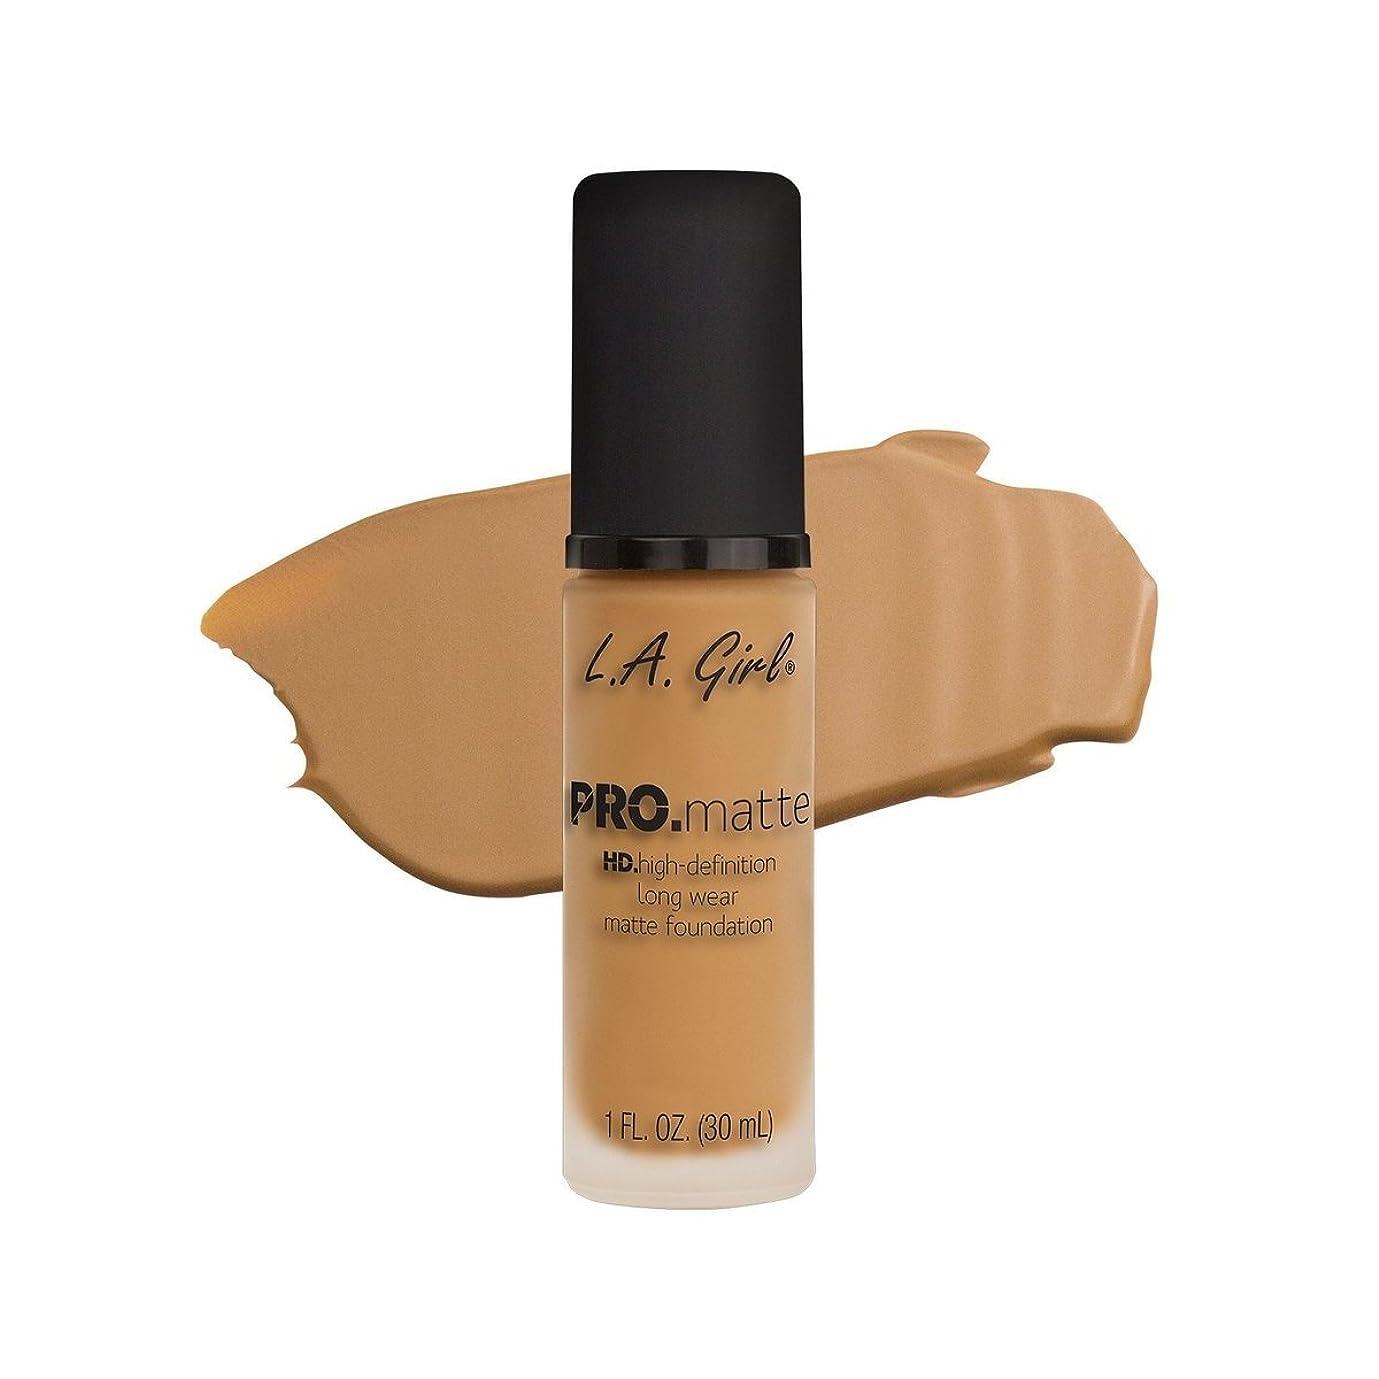 意外オピエートクローゼット(6 Pack) L.A. GIRL Pro Matte Foundation - Light Tan (並行輸入品)